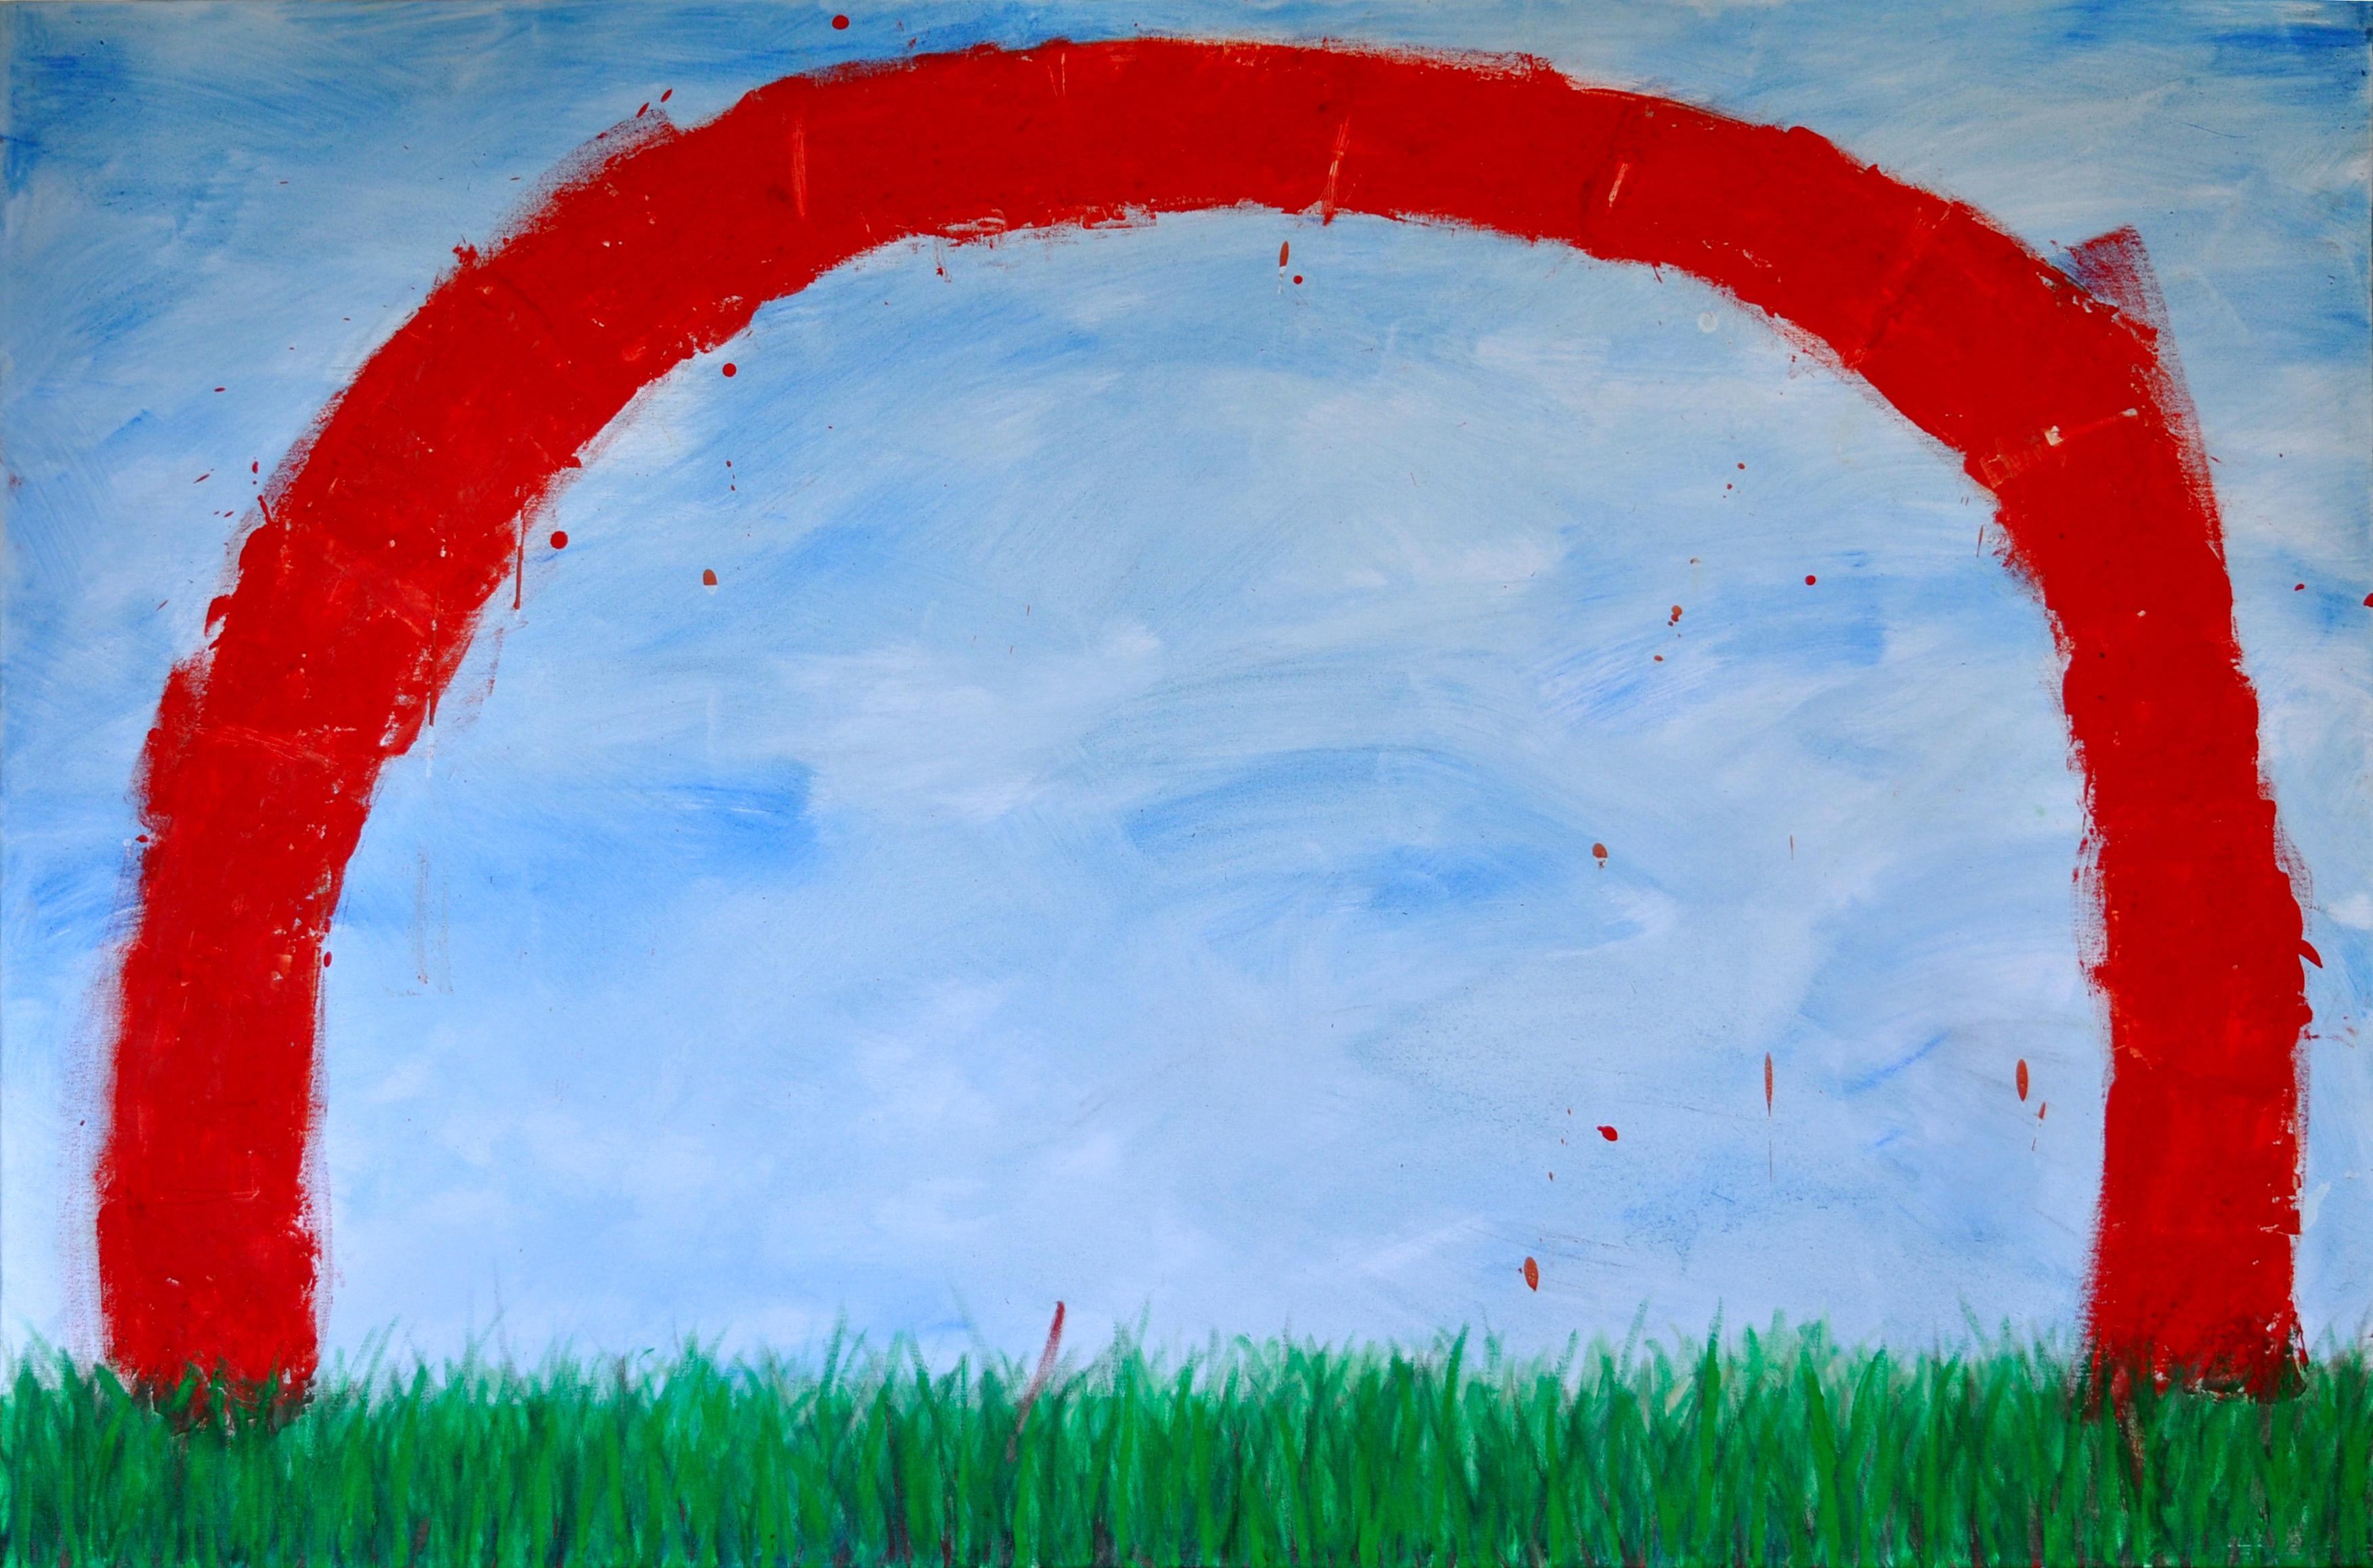 A nagy mászóka (100x150, olaj, méhviasz, vászon, 2012)